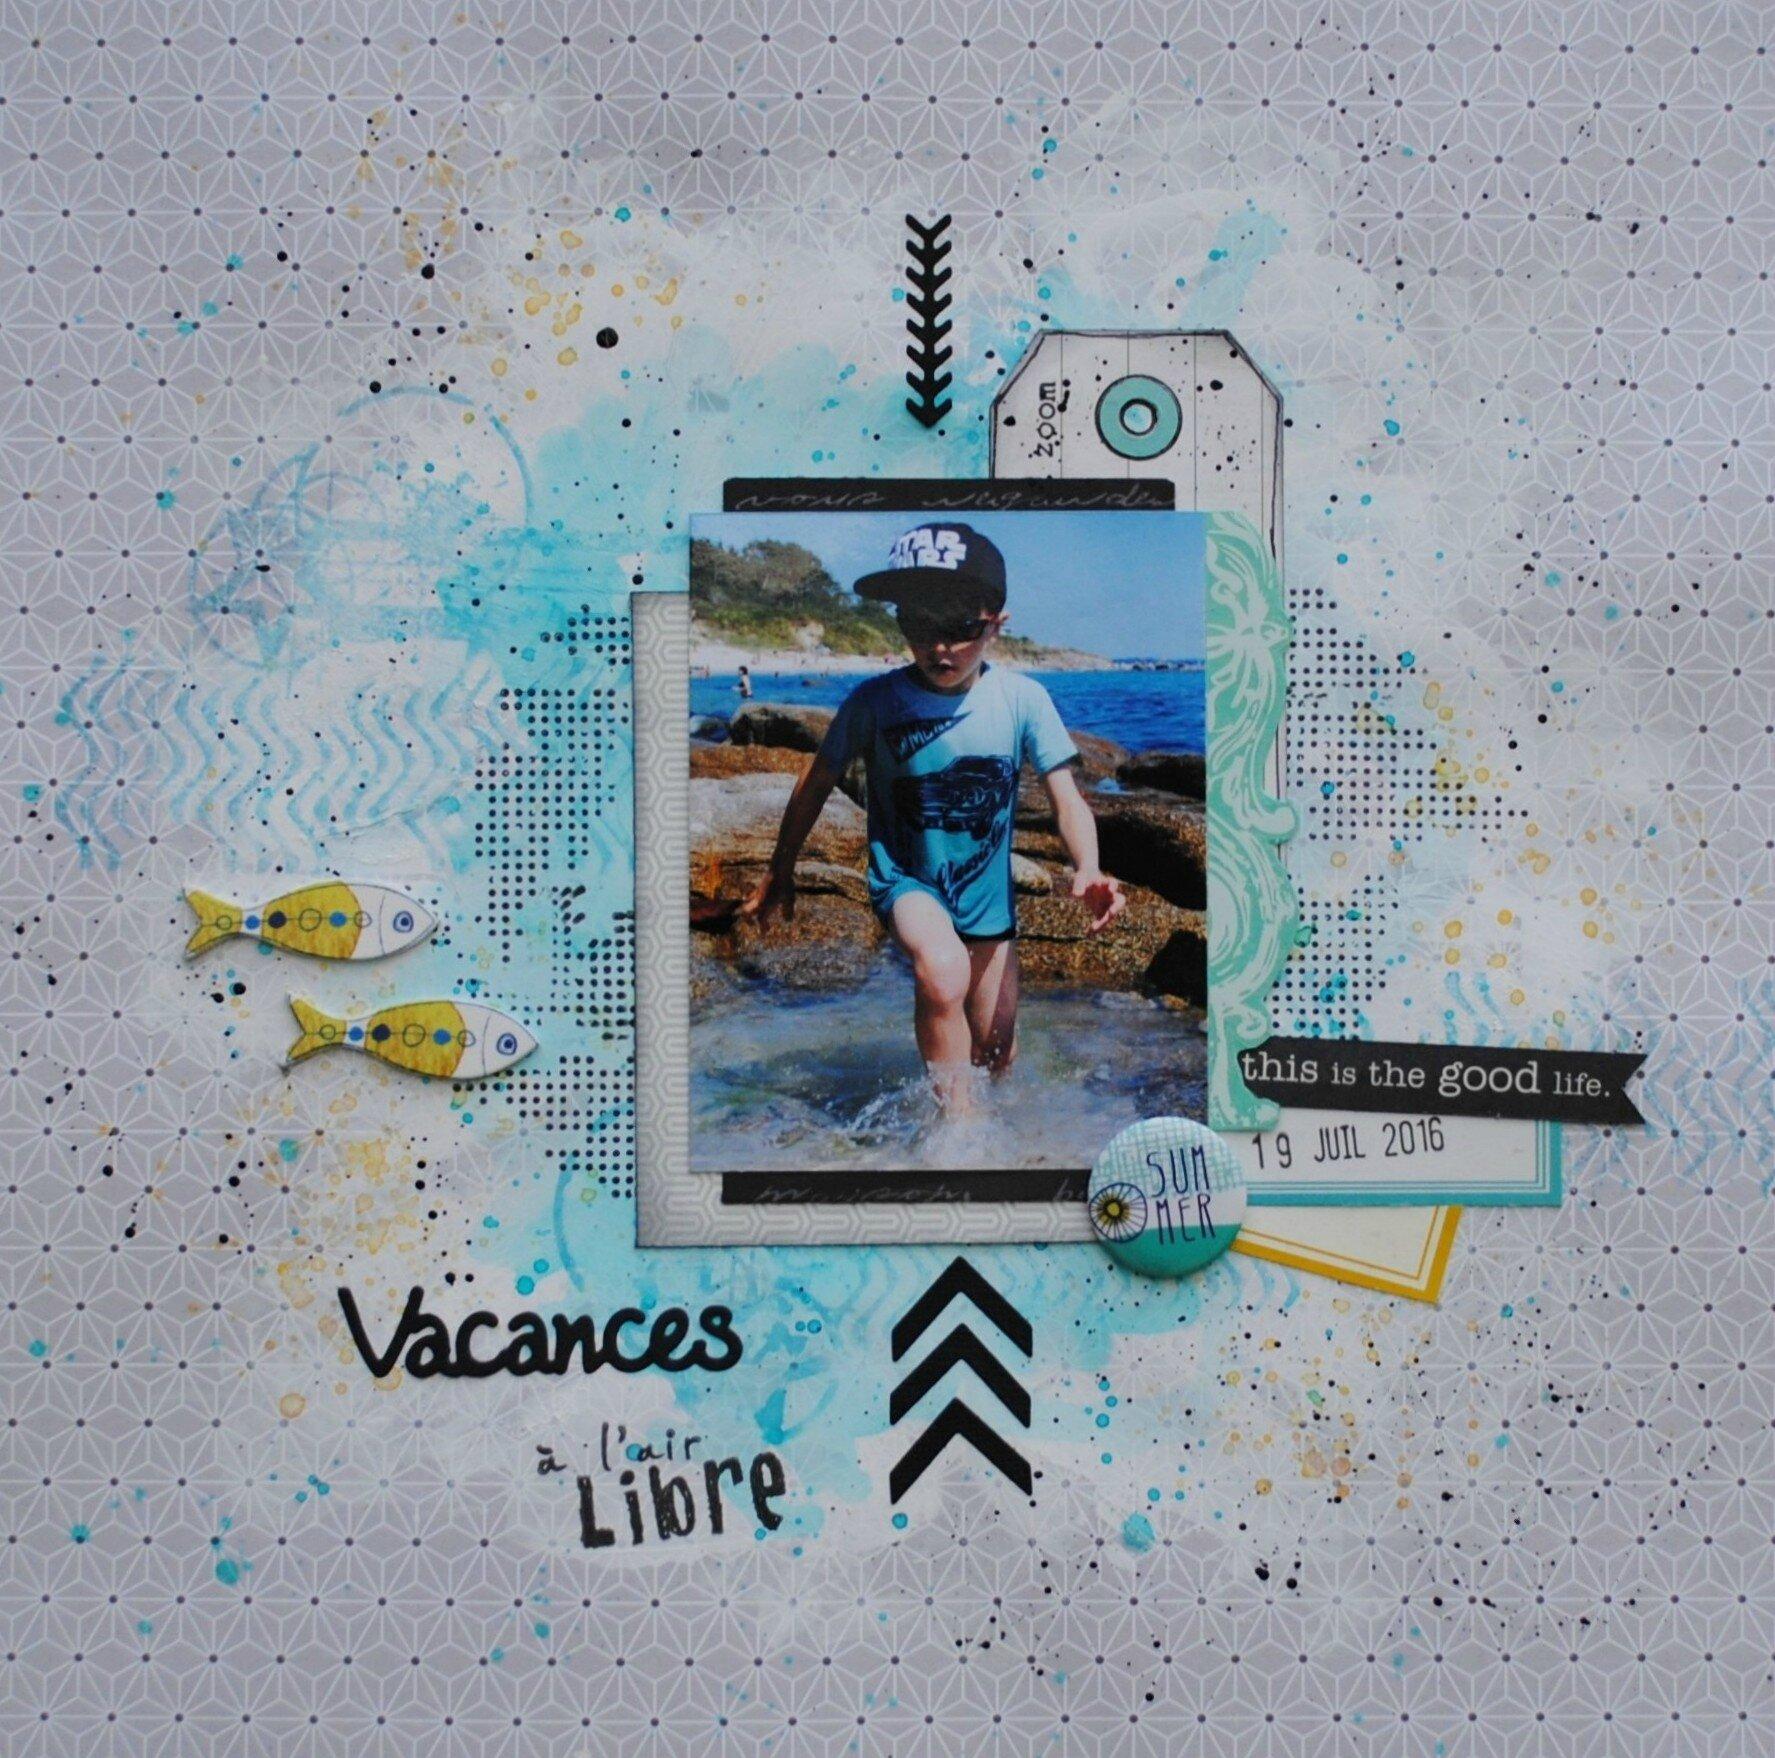 Vacances à l'air libre